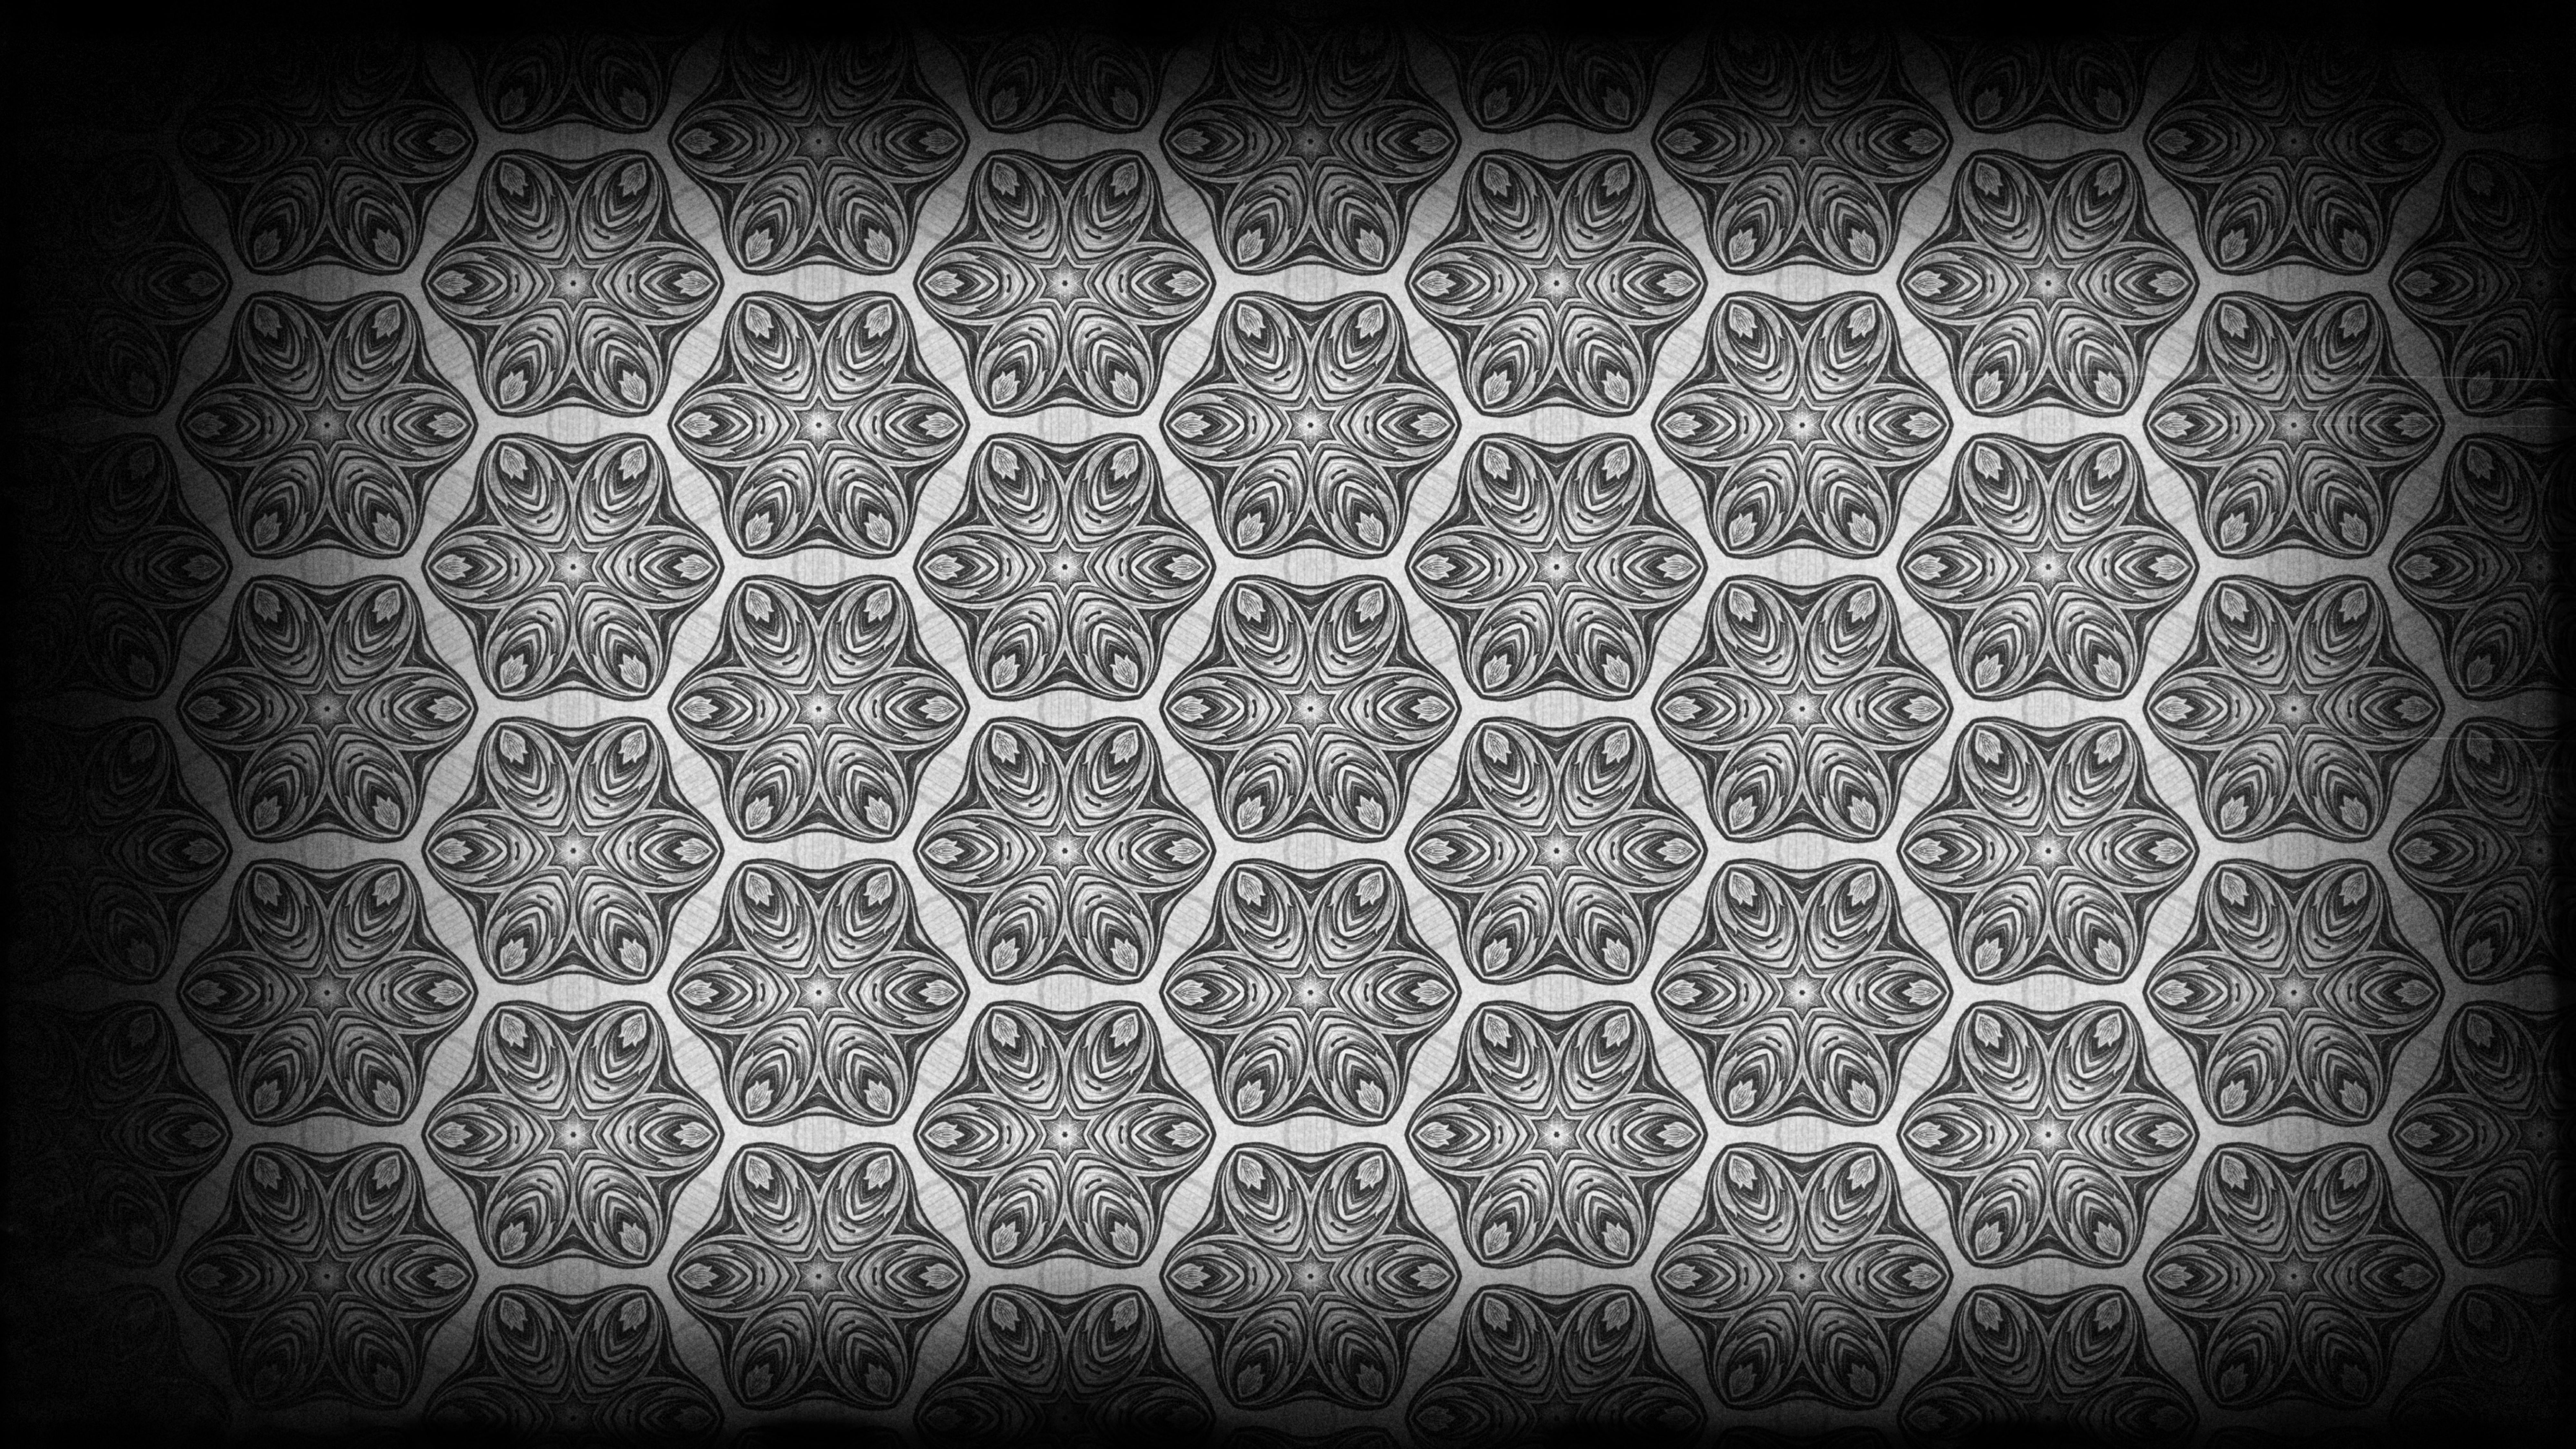 Black And Grey Vintage Floral Pattern Background